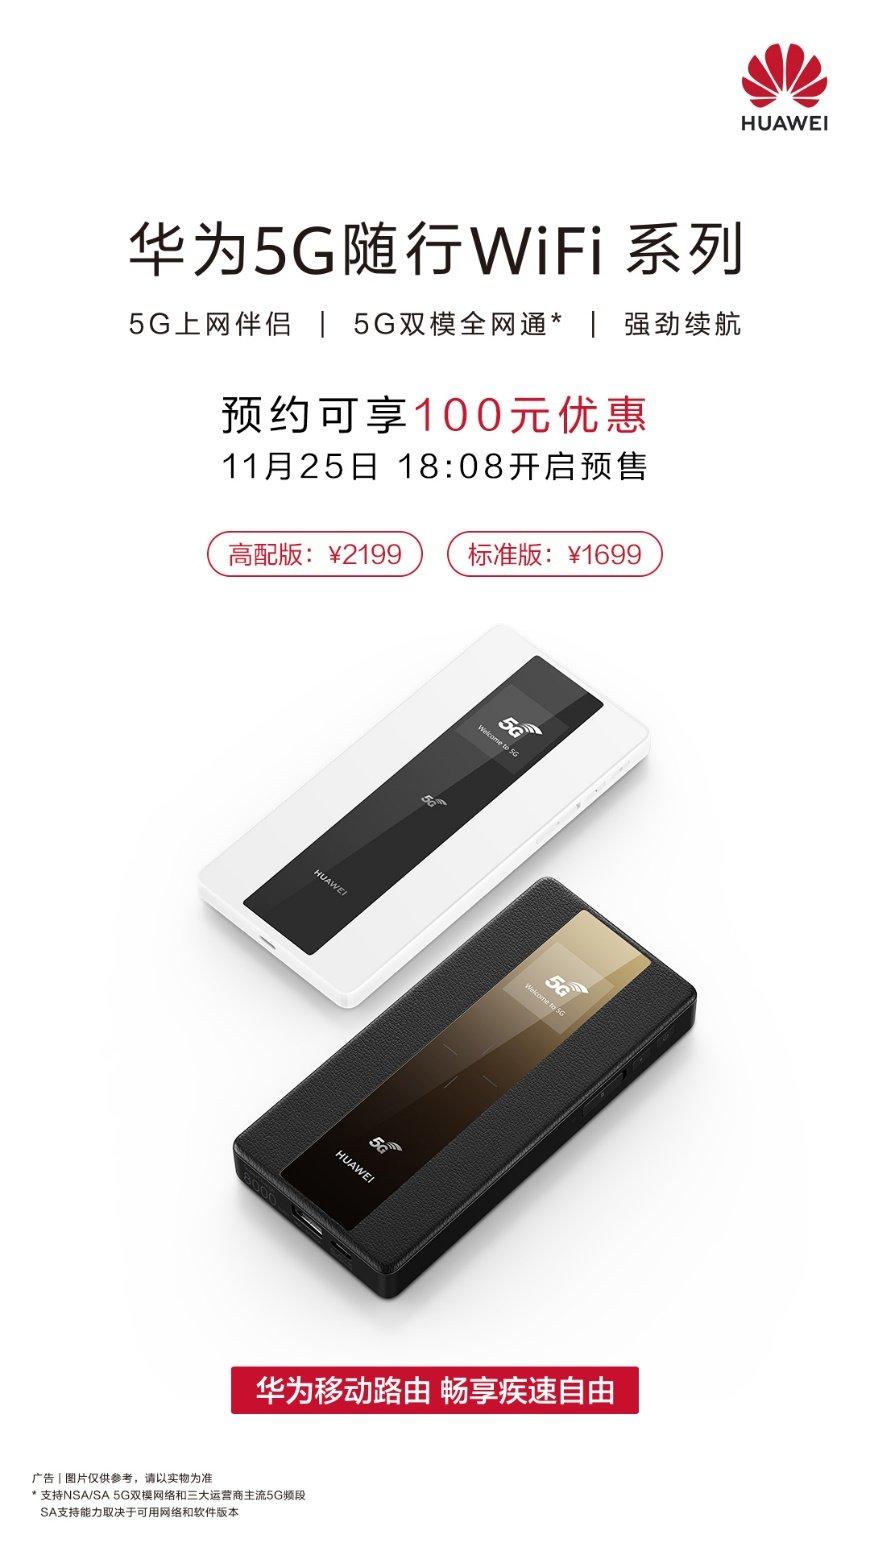 华为5G随行WiFi系列今日开启预售 双版本1699元起 - 热点资讯